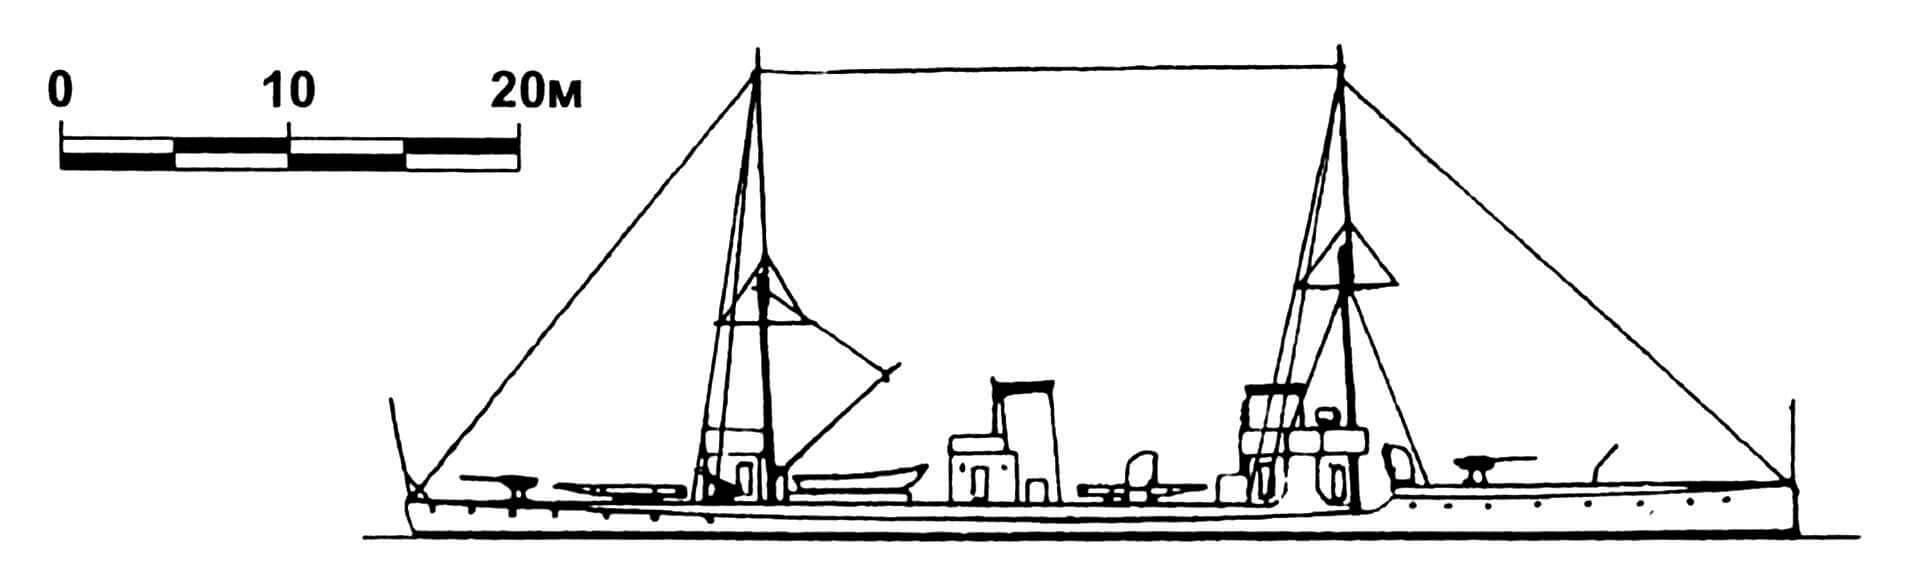 158. Эскадренный миноносец «Фу-По», Китай, 1912 г. Строился в Германии фирмой «Шихау». Водоизмещение полное 390 т. Длина наибольшая 60,4 м, ширина 6,5 м, осадка 1,8 м. Мощность двухвальной паросиловой установки 6500 л.с., скорость 32 узла. Вооружение: два 76-мм и четыре 47-мм орудия, два торпедных аппарата. Всего в 1911—1912 годах построено три единицы: «Фу-По», «Цзян-Фэн» и «Фэй-Хун». «Цзян-Фэн» погиб в результате крушения в 1932 г., «Фэй-Хун» затоплен в 1937 г. «Фу-По» в 1937 г. потоплен японской авиацией, затем поднят японцами и введен в состав их флота под названием «Ямасеми».